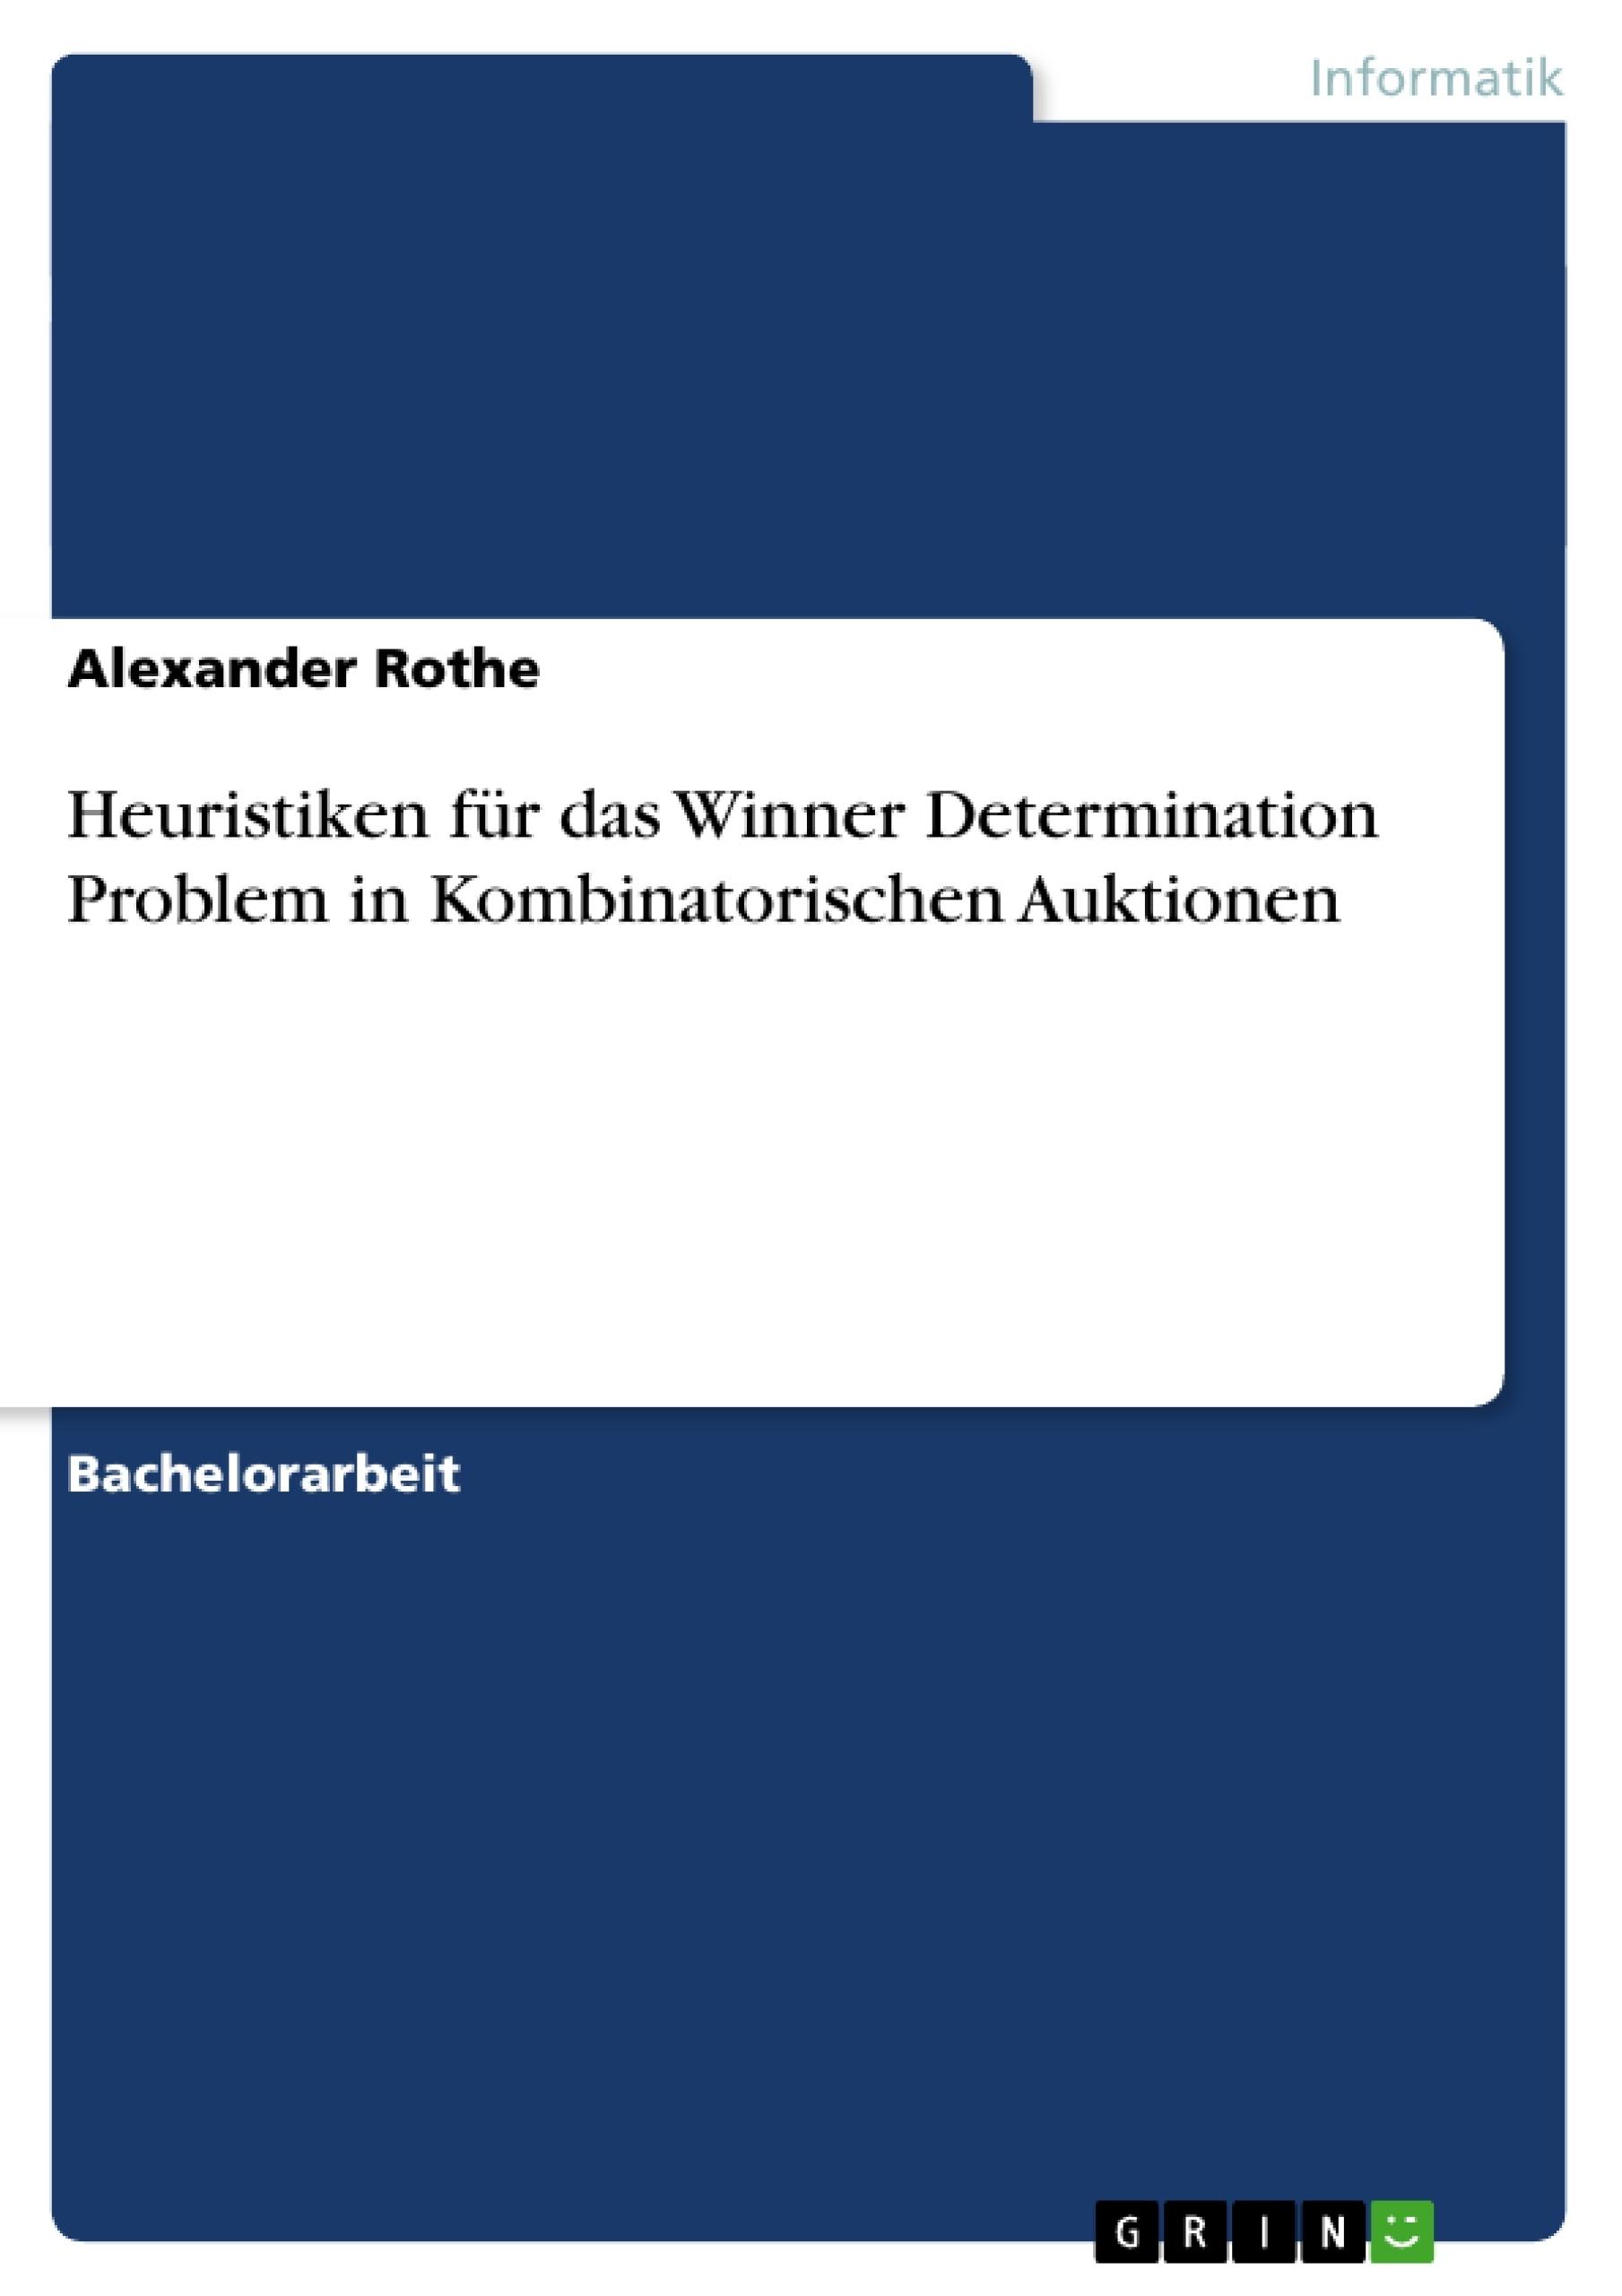 Titel: Heuristiken für das Winner Determination Problem in Kombinatorischen Auktionen